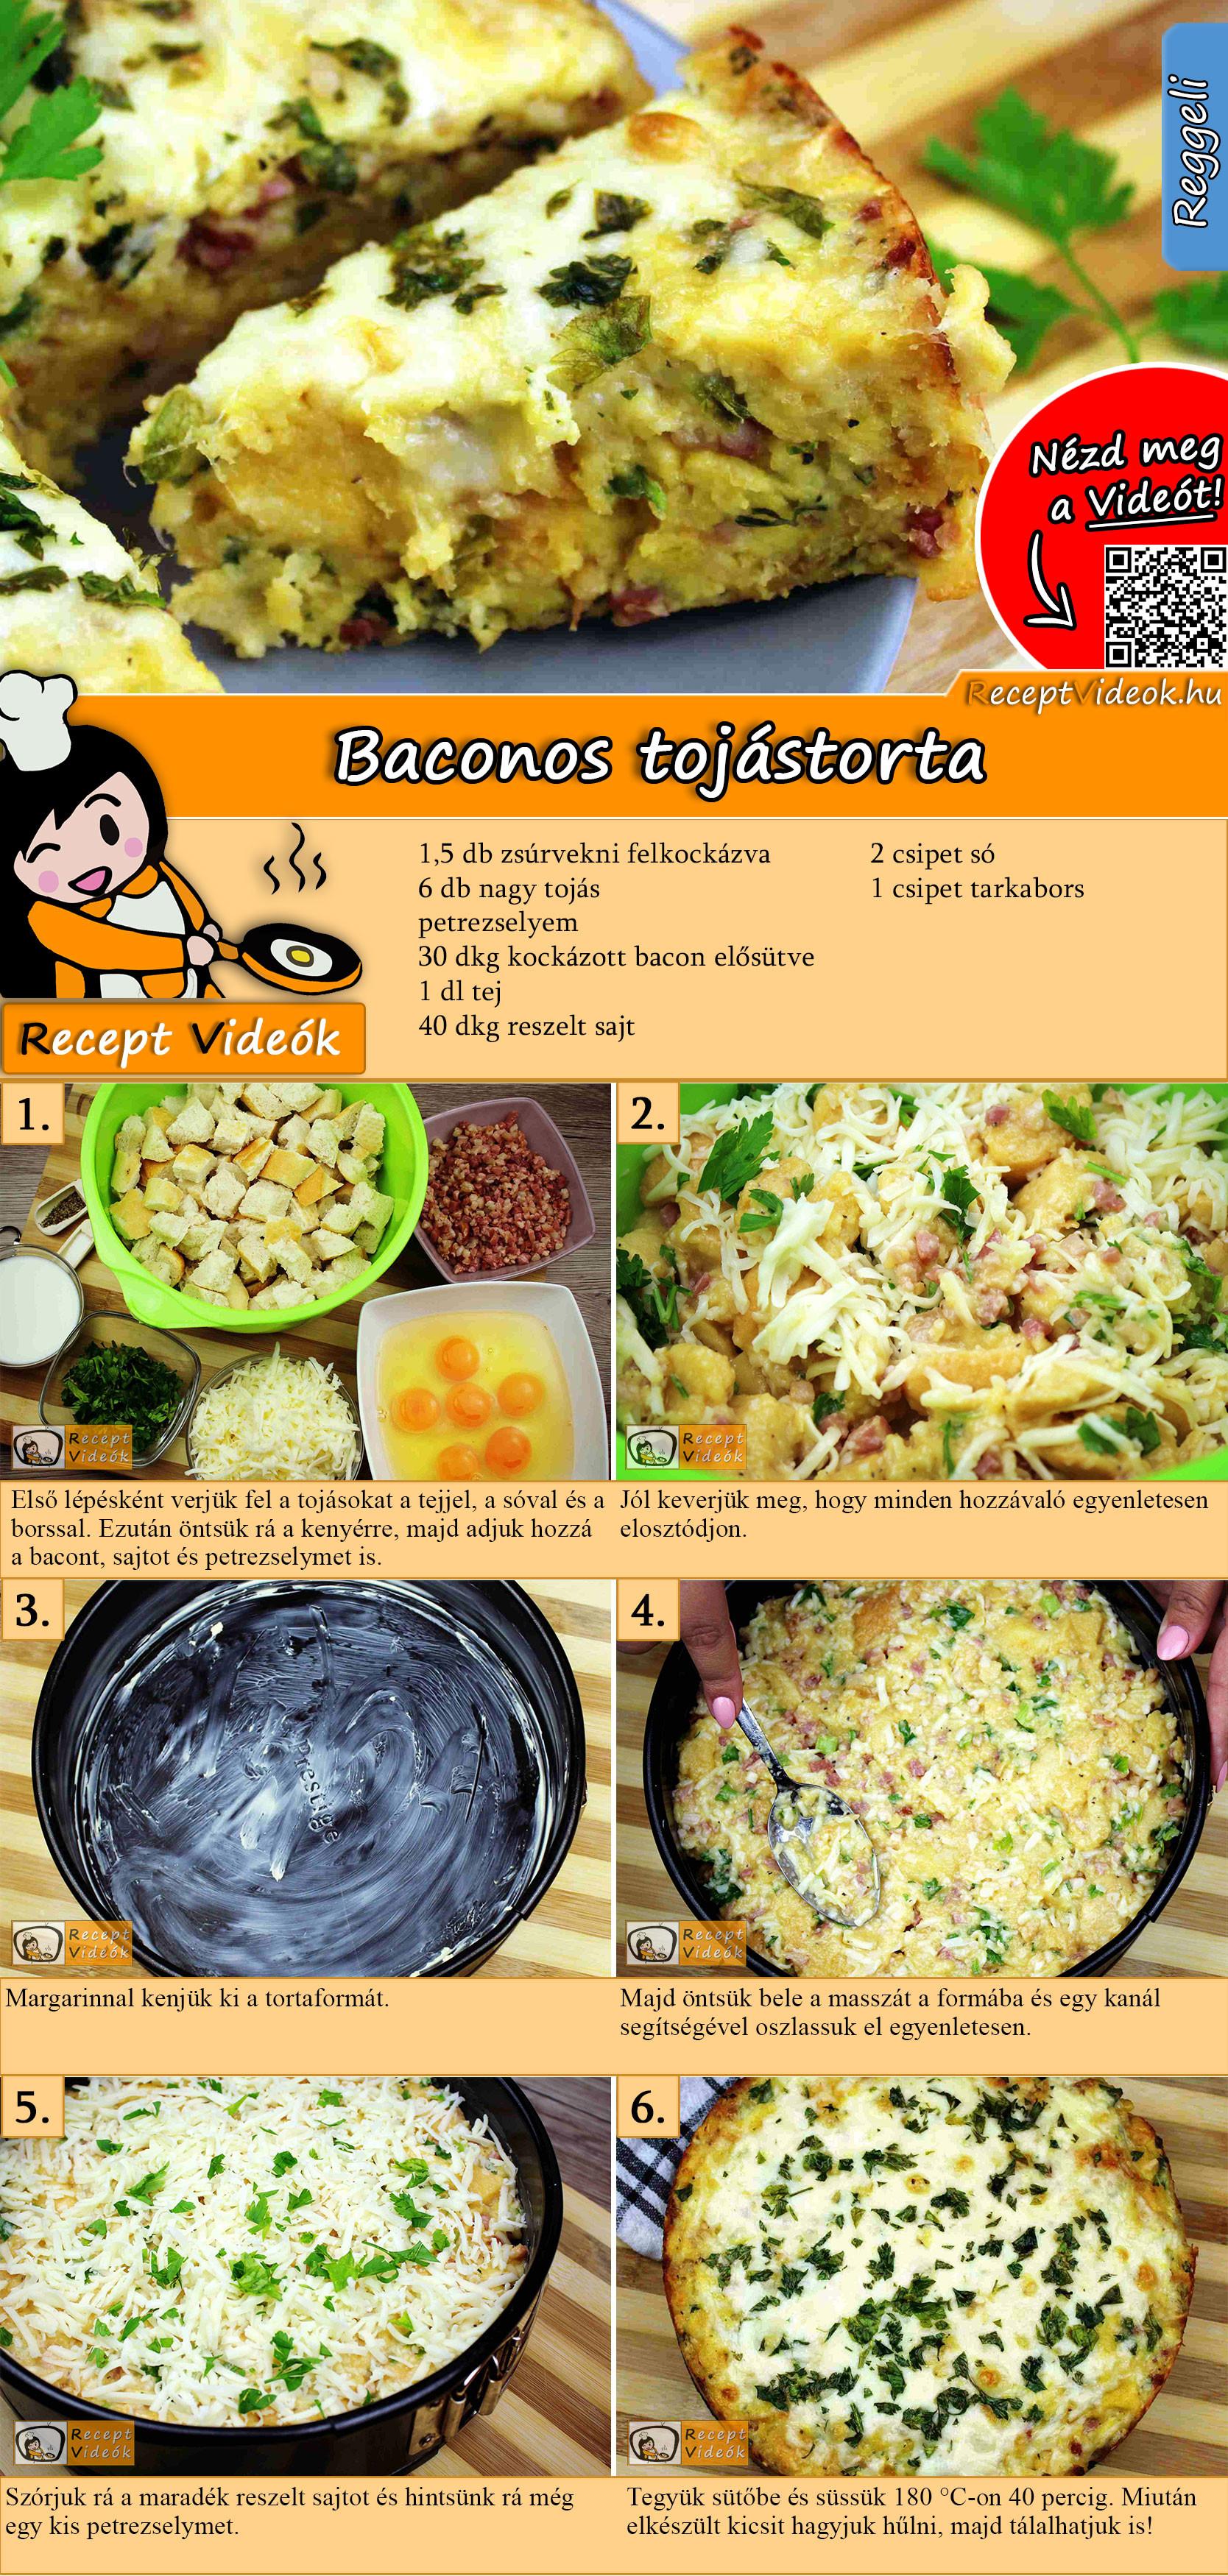 Baconos tojástorta recept elkészítése videóval